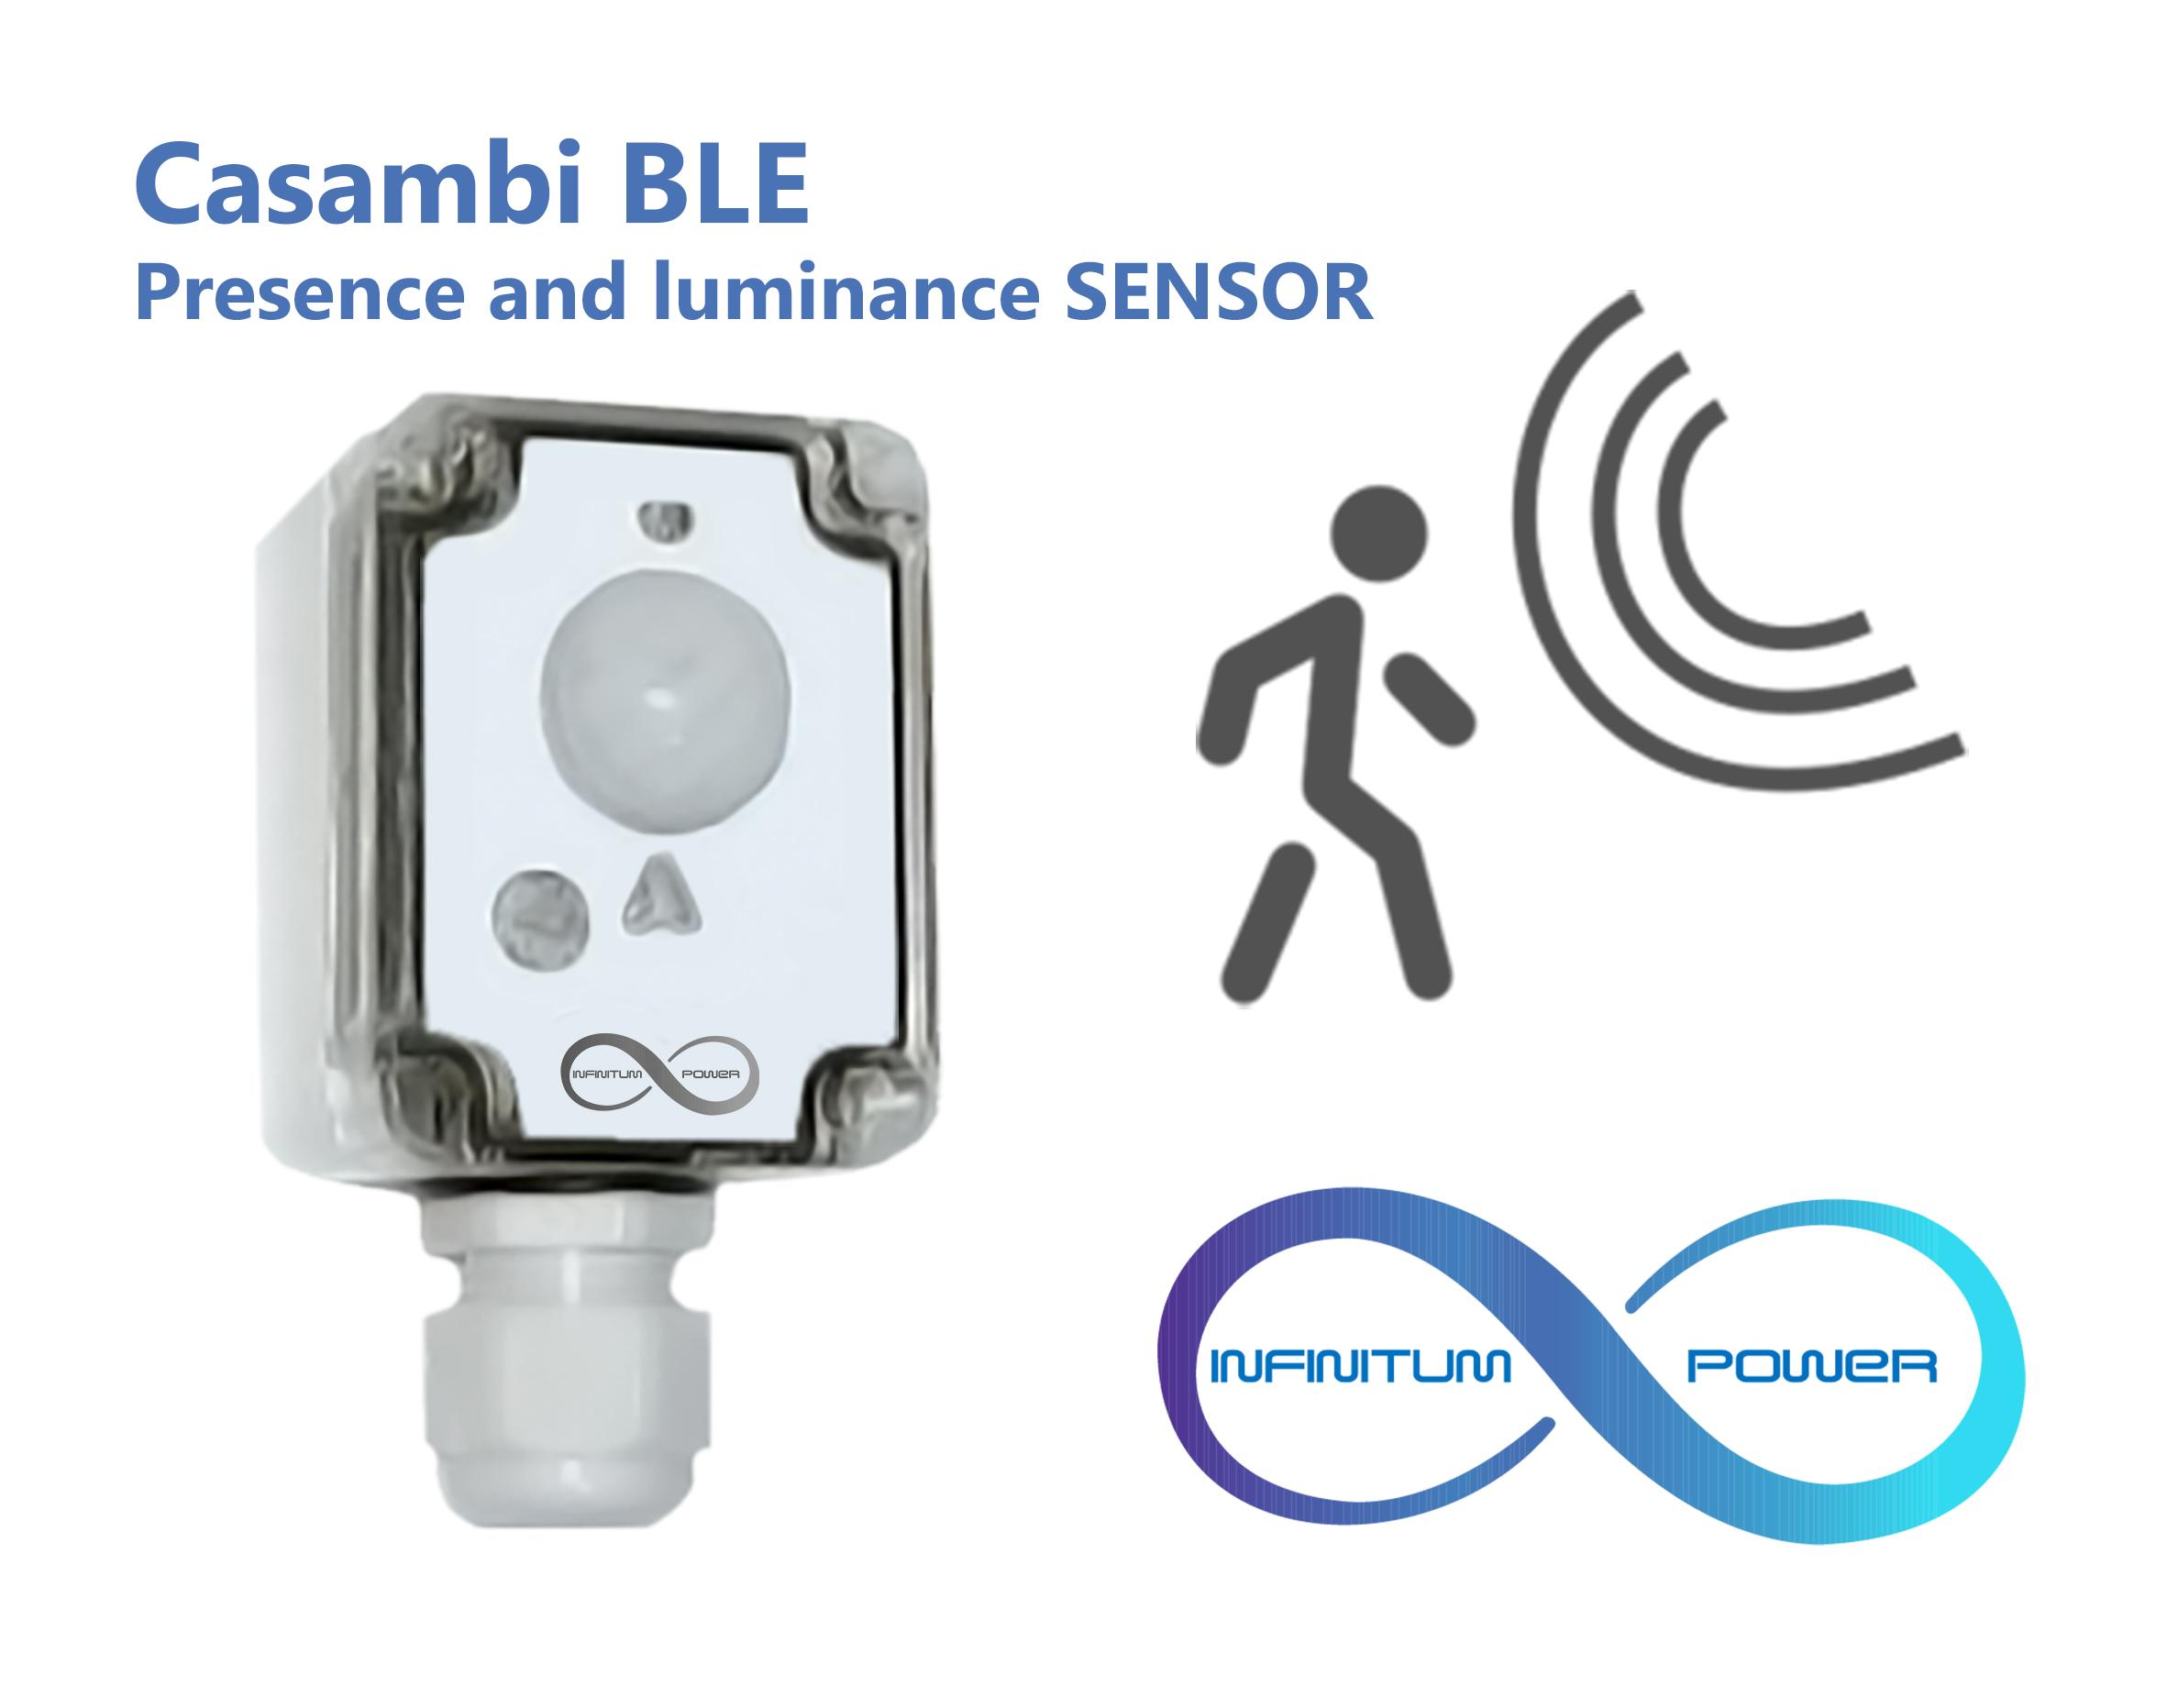 Sensor de presencia y luminancia Casambi: CBU-SENS-HB-010 17M.60X60